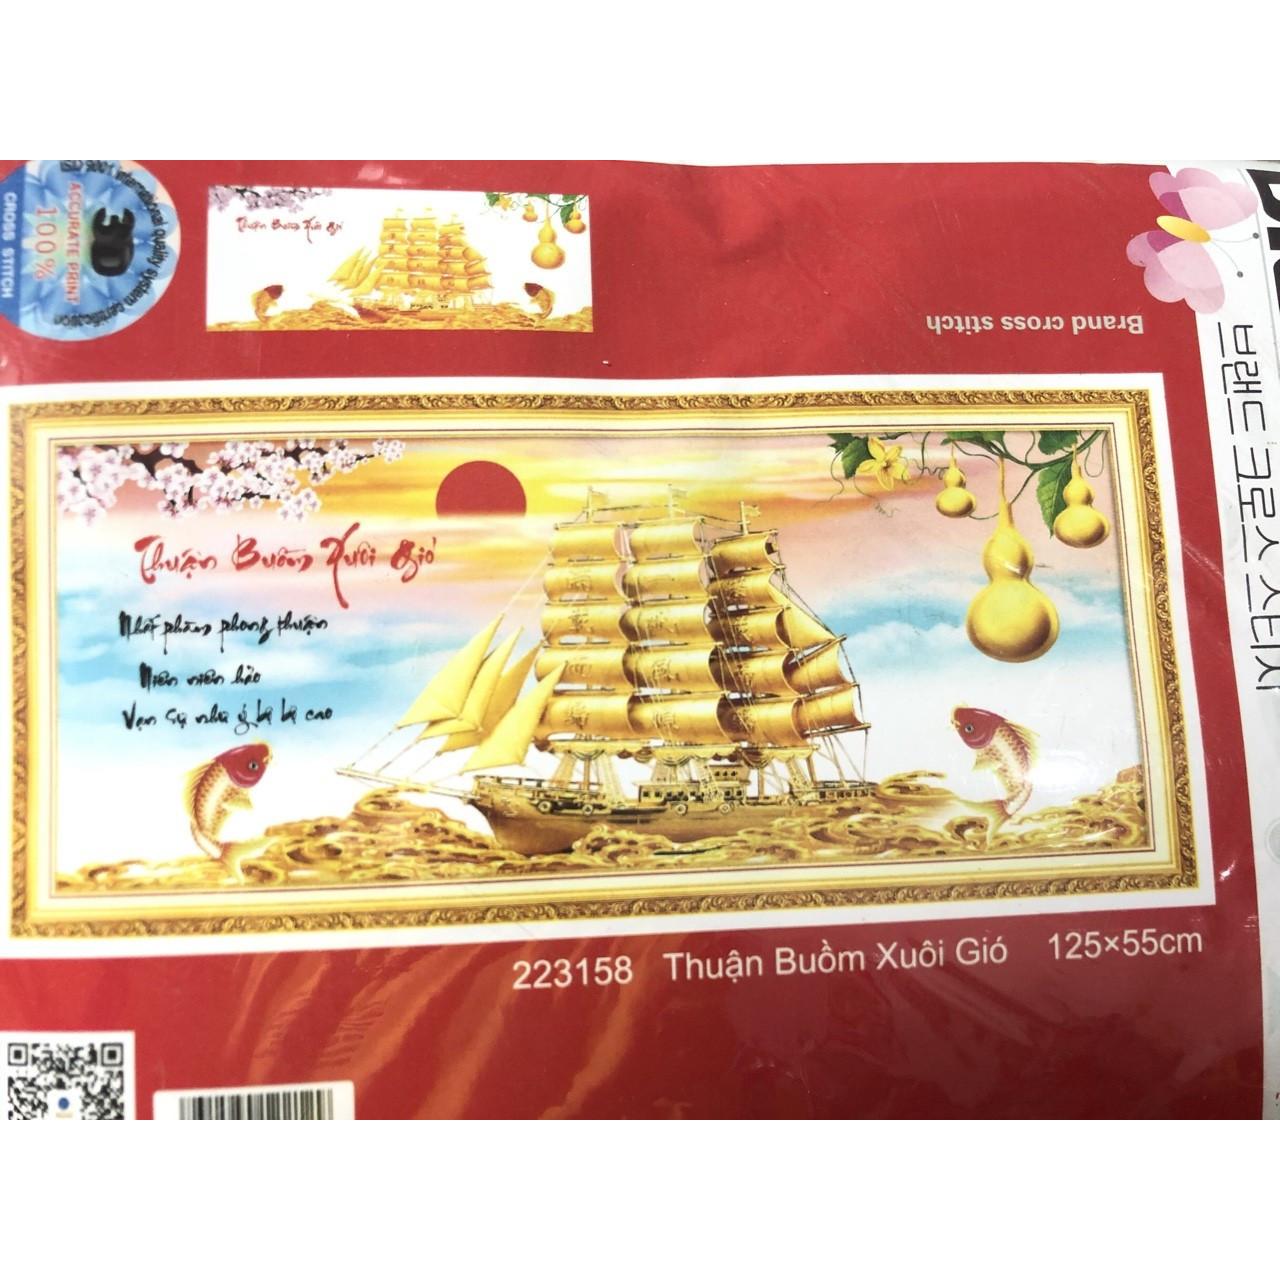 tranh thêu chữ thập Thuận buồm xuôi gió 125x55cm - chưa thêu - Tặng kéo bấm chỉ, xỏ chỉ, kim thêu siêu tốc.